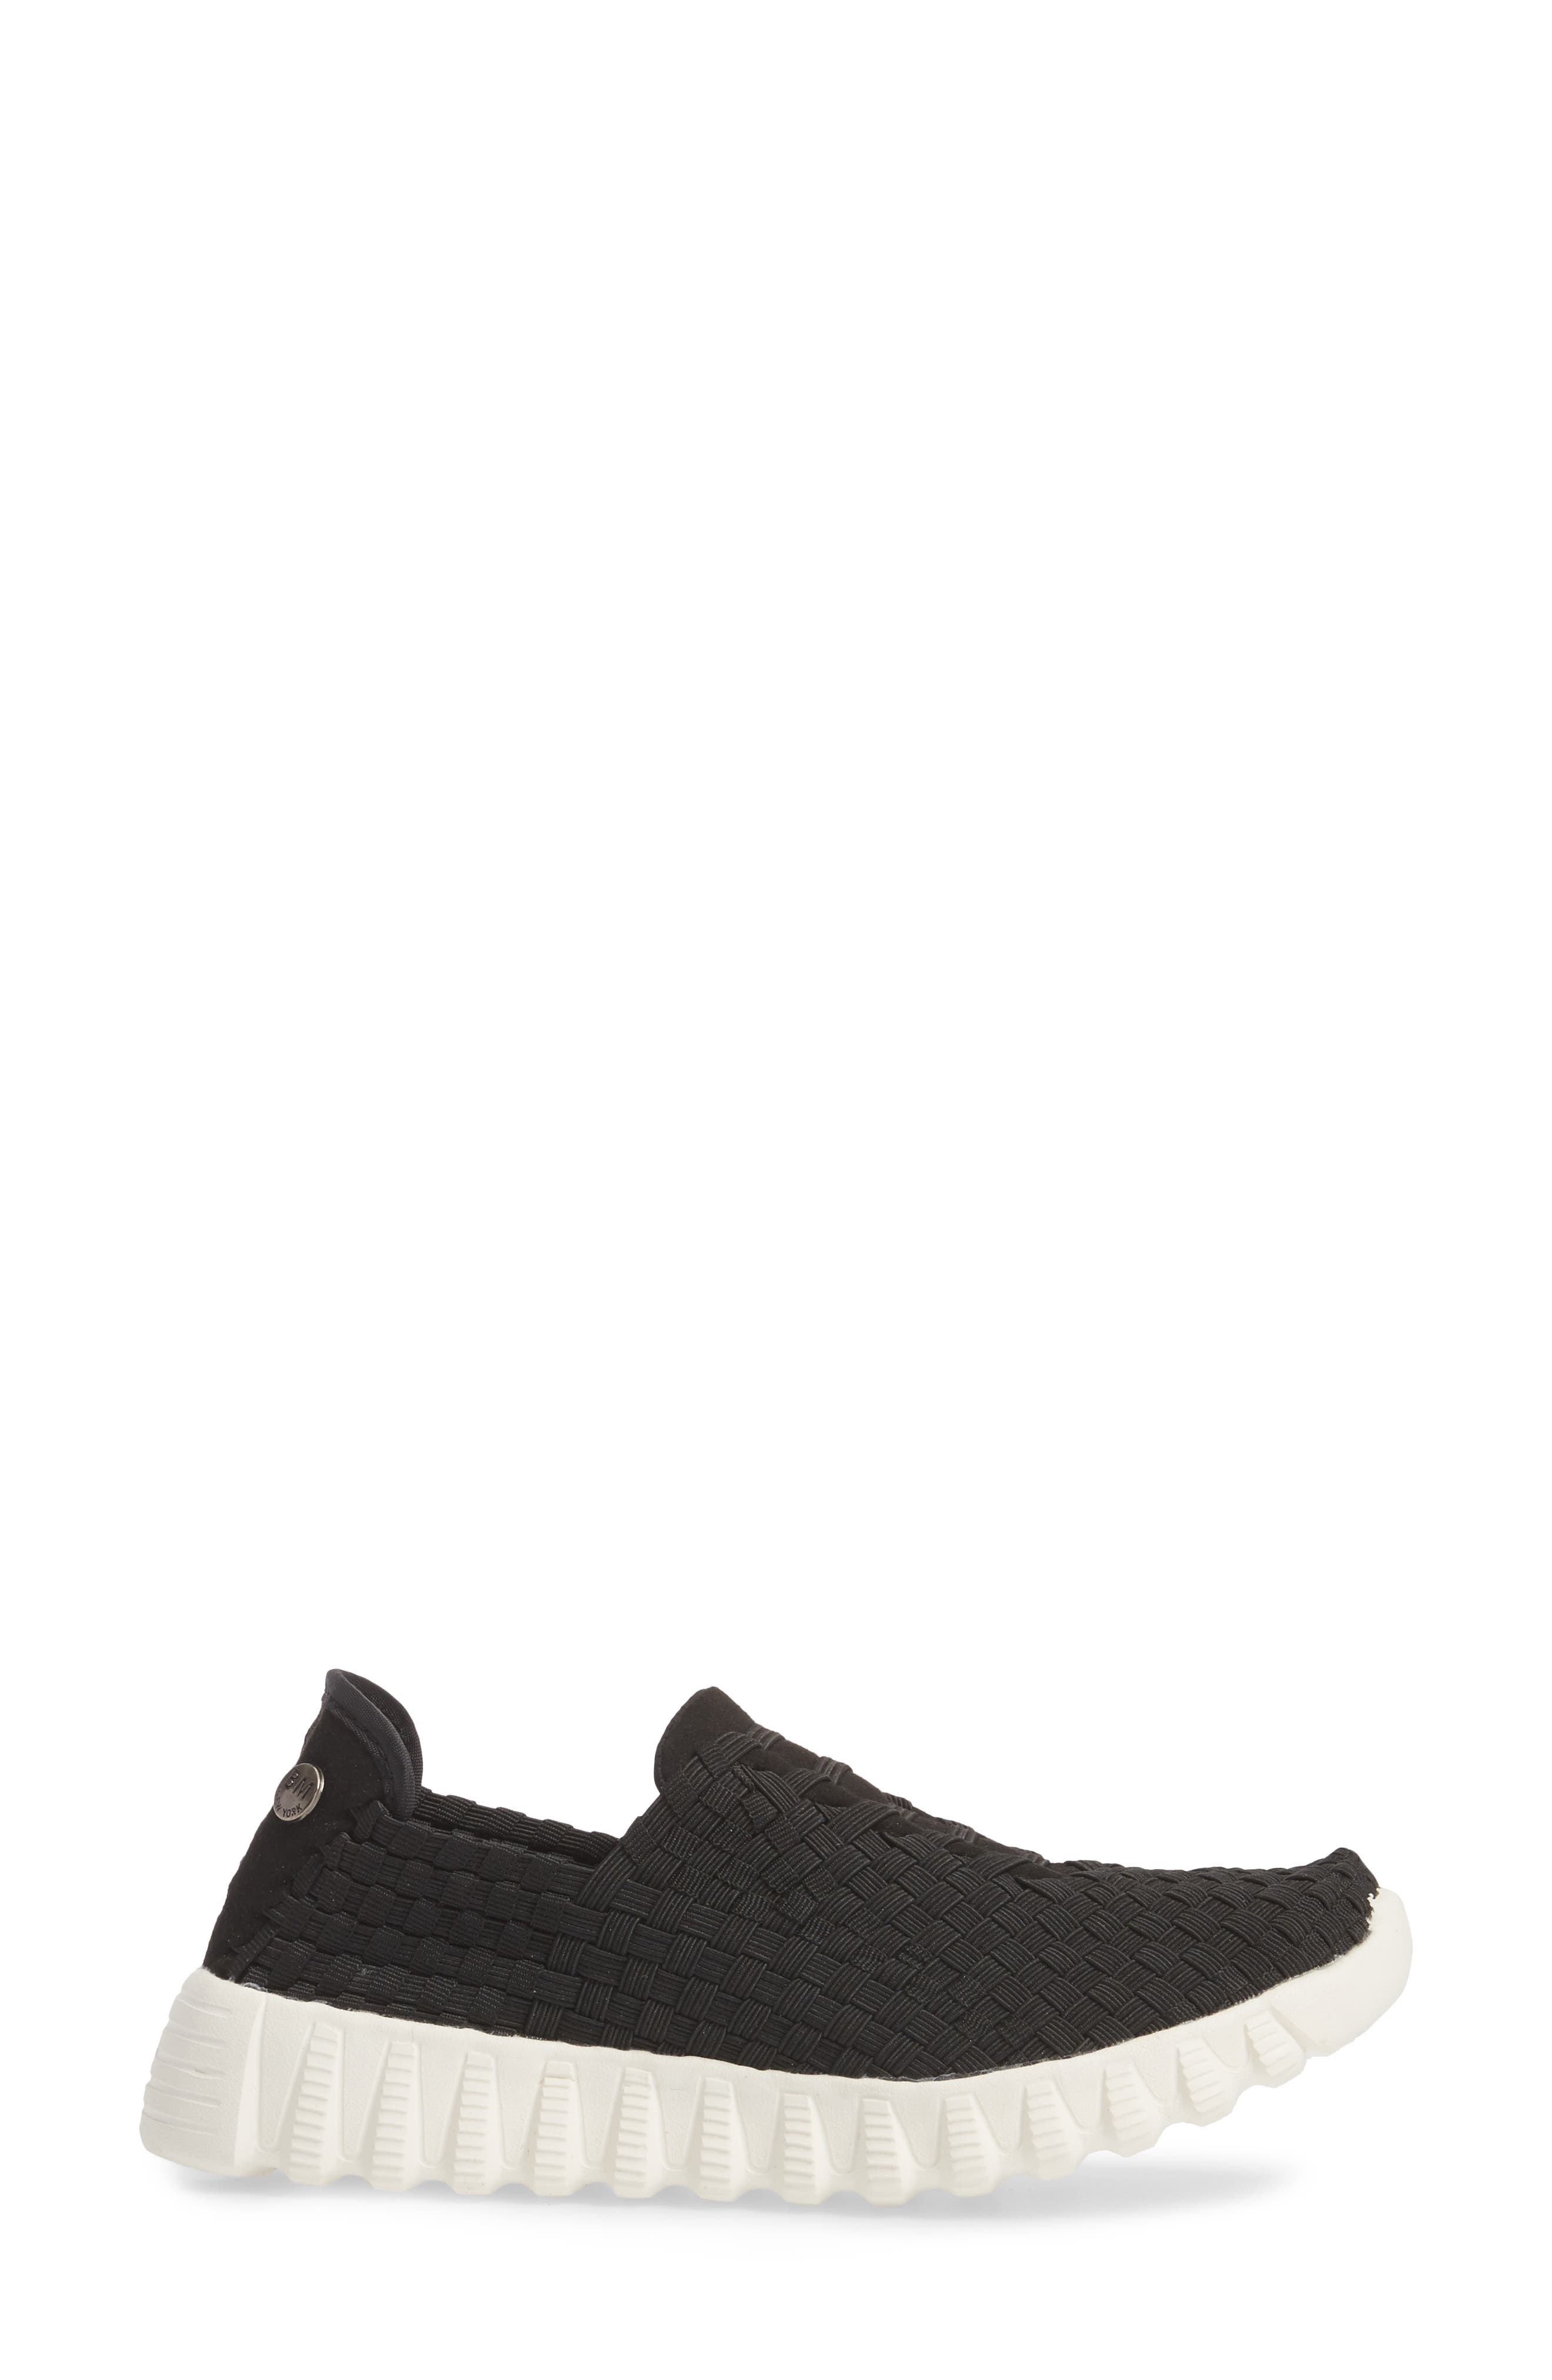 Vivaldi Slip-On Sneaker,                             Alternate thumbnail 3, color,                             Black